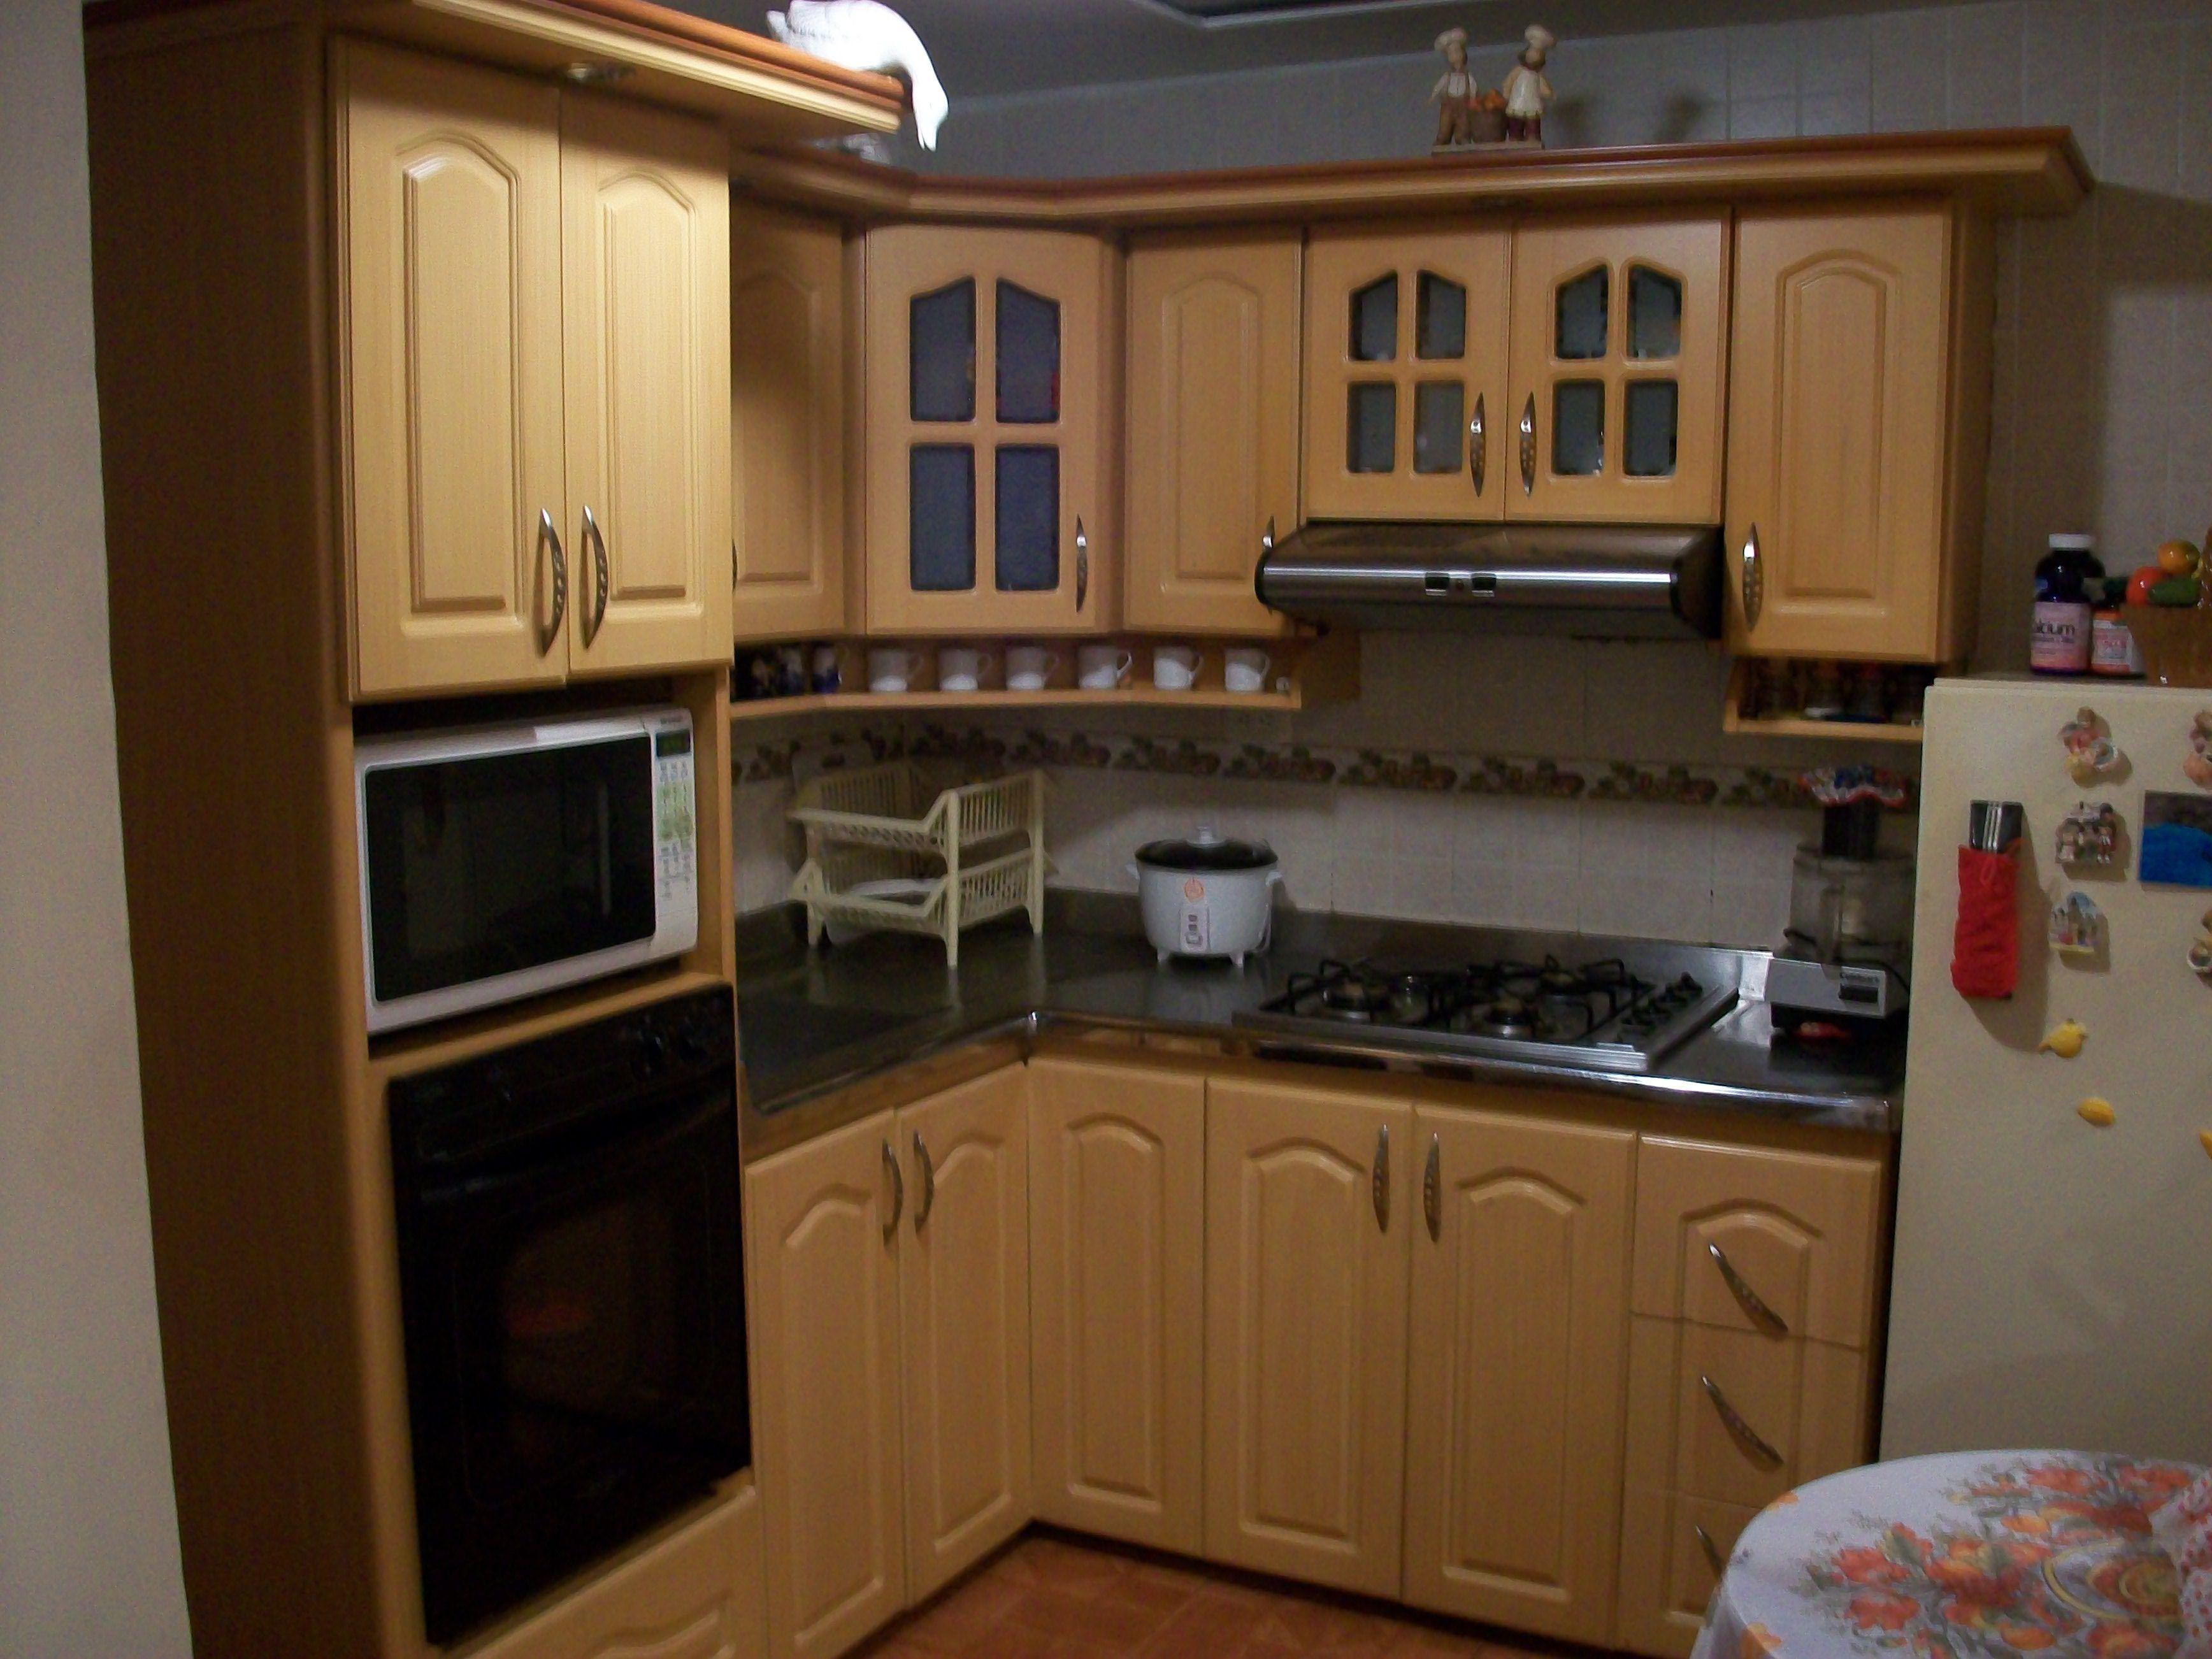 Fabricado por c g arte y decoraci n cocina integral for Cocinas integrales pereira